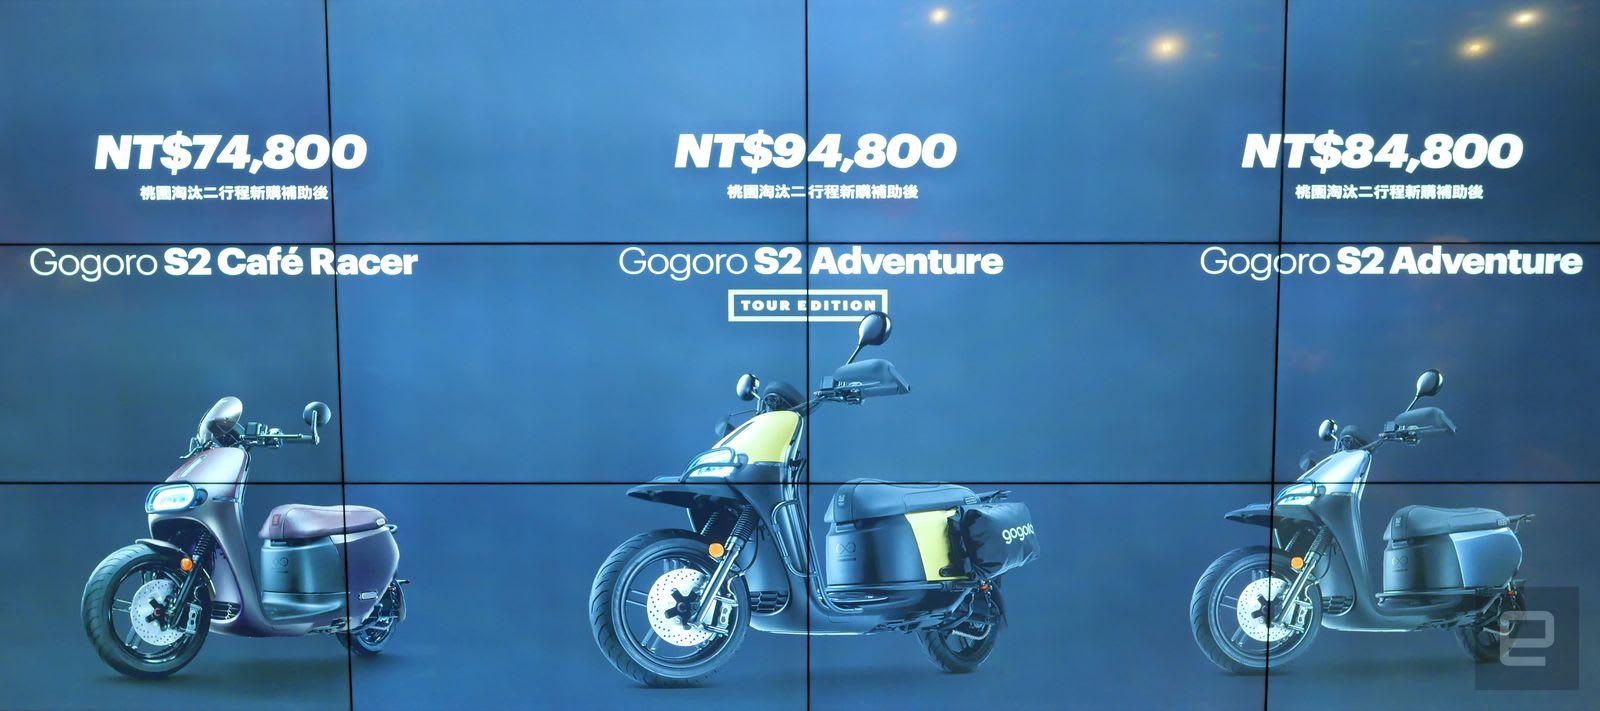 Gogoro S2 Special Edition